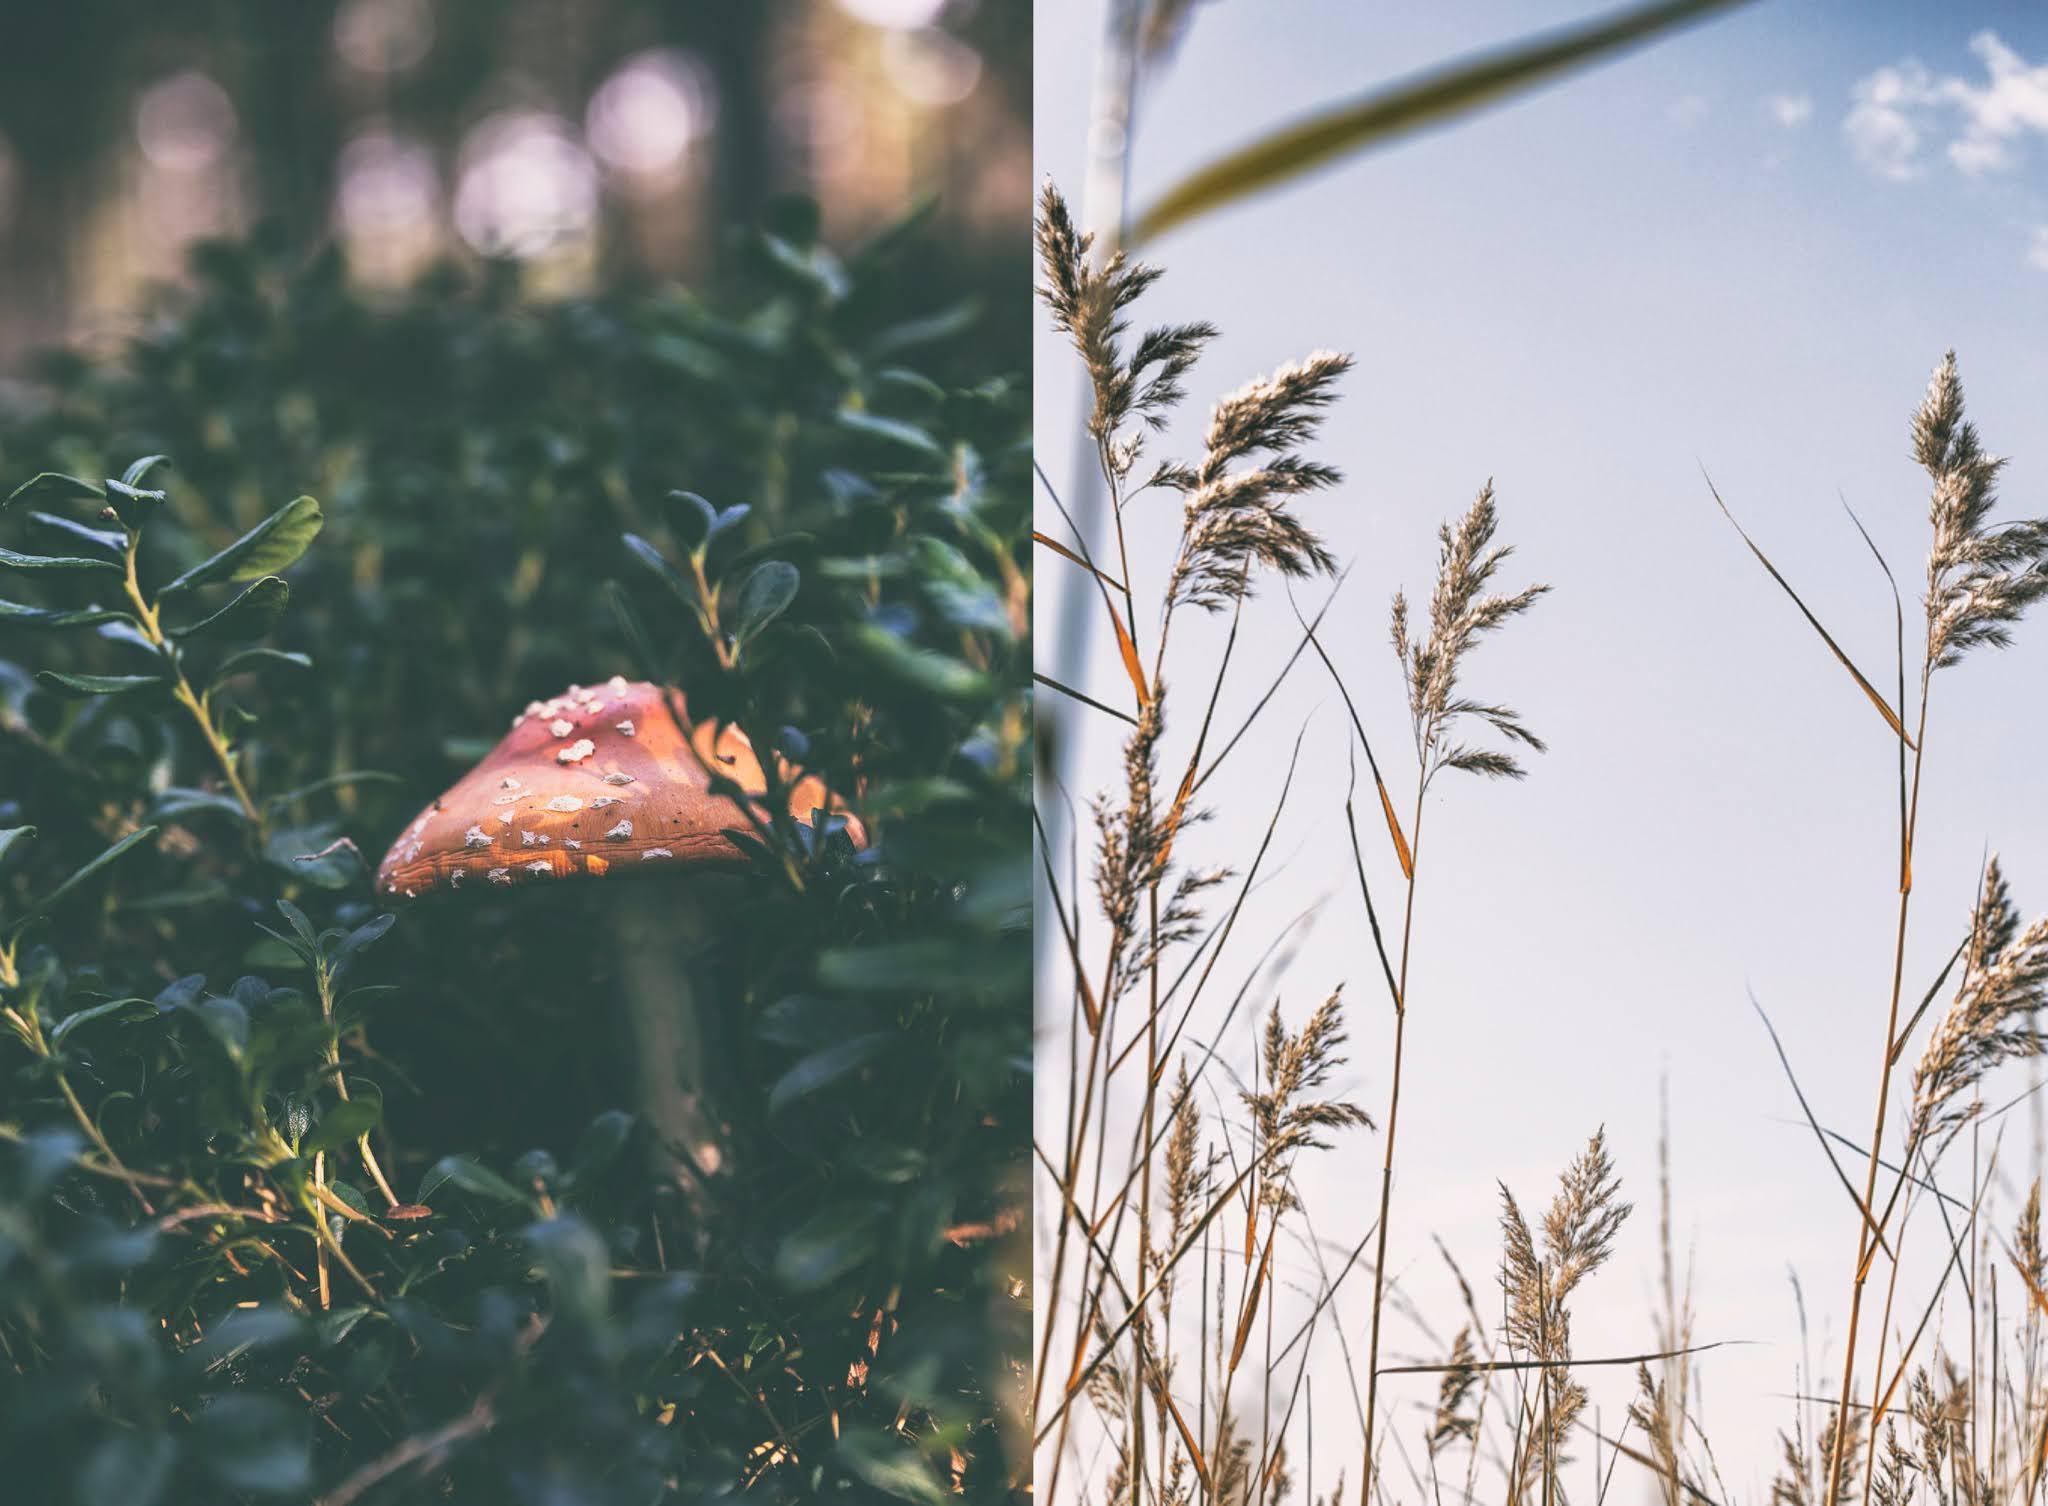 Helsinki, visithelsinki, Kallahdenniemi, Kallahti, Vuosaari, Suomi, Finland, visitfinland, valokuvaaja, luonto, luontokuva, valokuvaaminen, naturephotography, Frida steiner, Visualaddict, matkablogi, visualaddictfrida